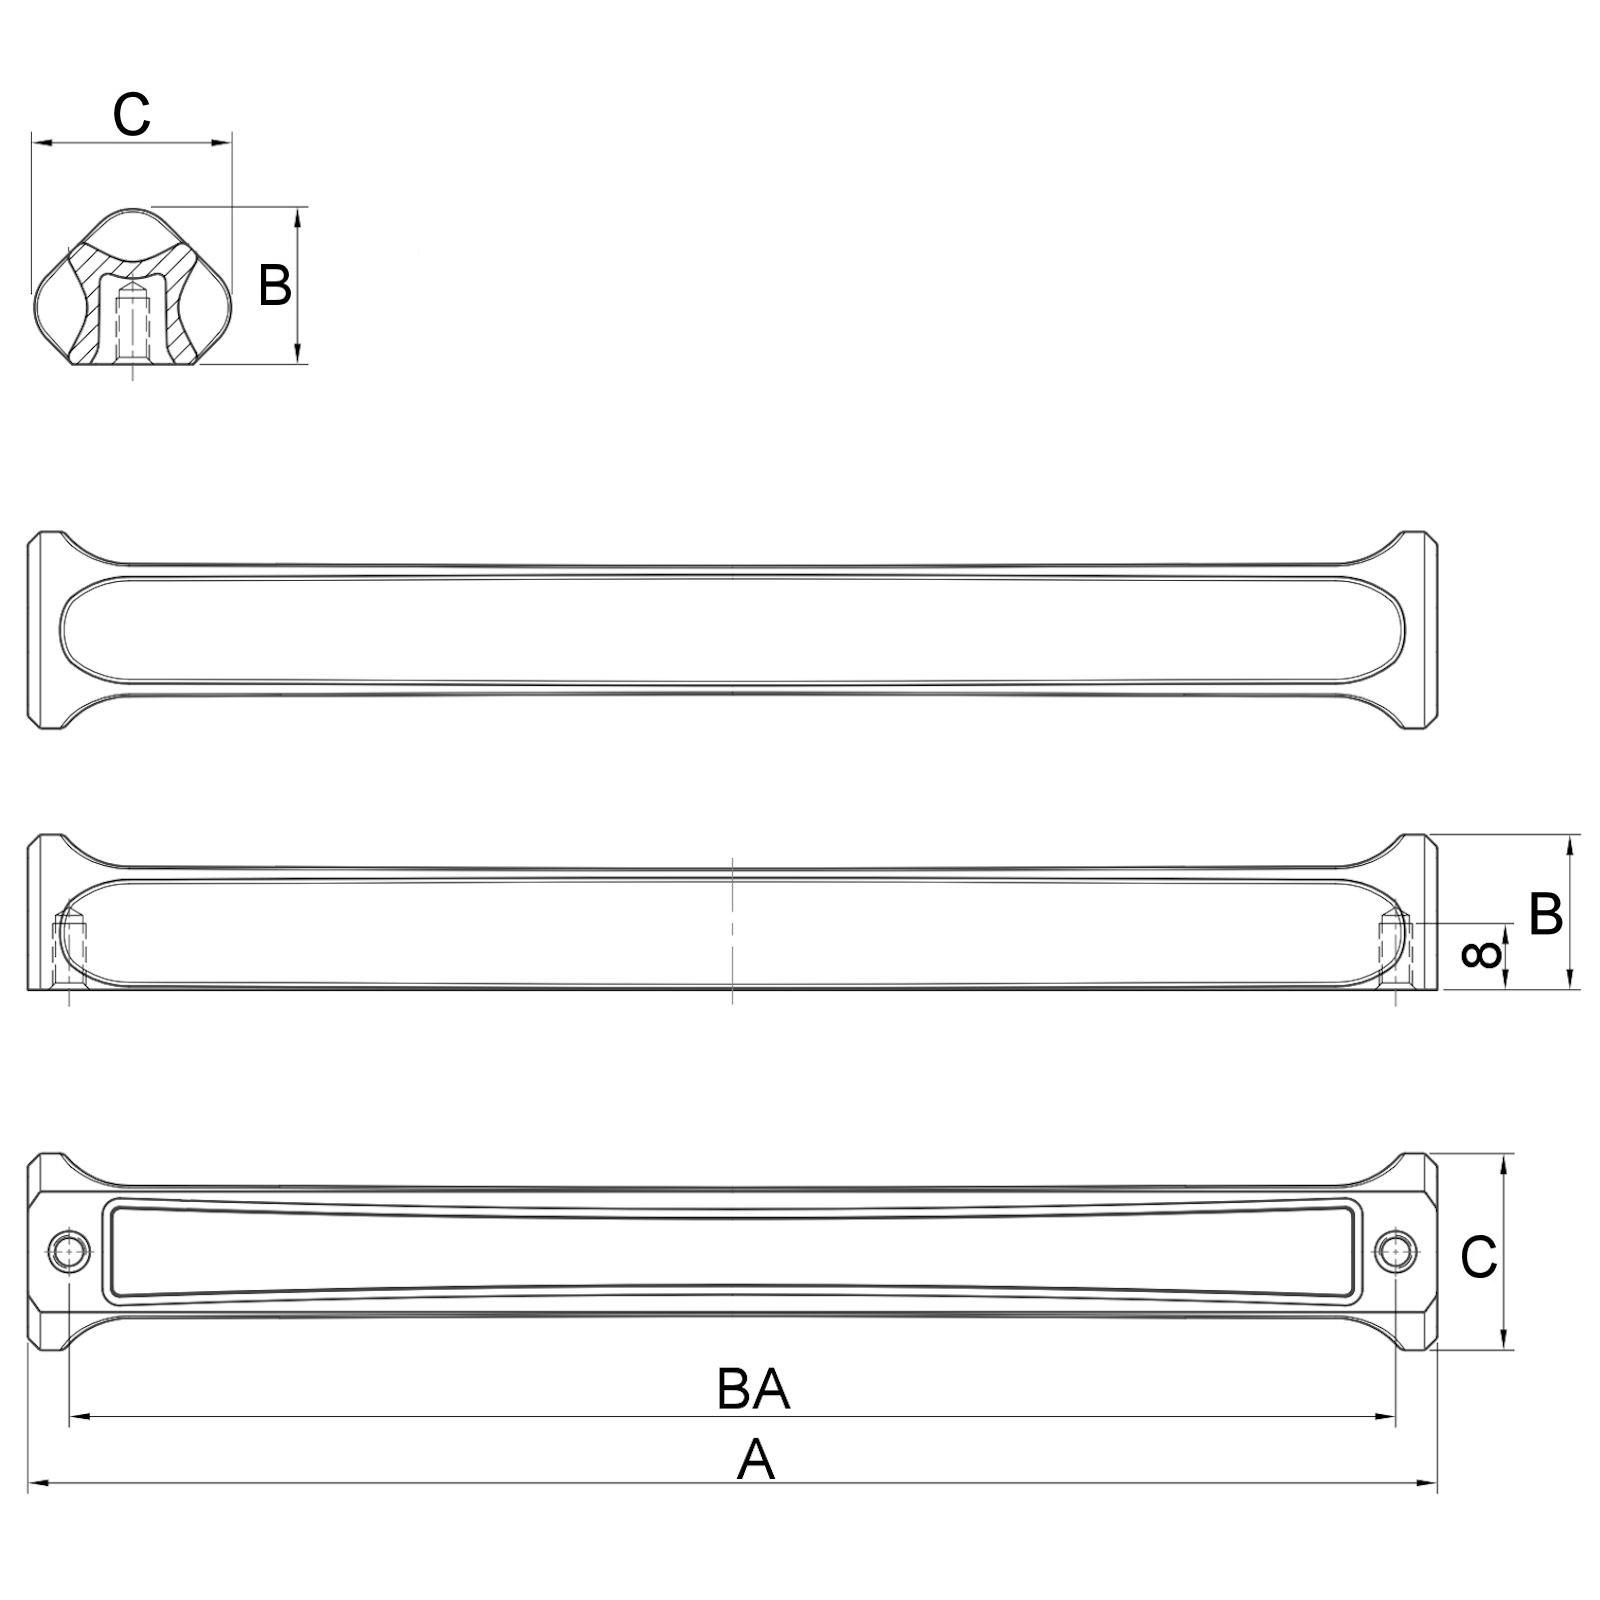 Profilleiste BUTO Möbelgriff Schubkastengriff Türgriff Griff von JUNKER Design